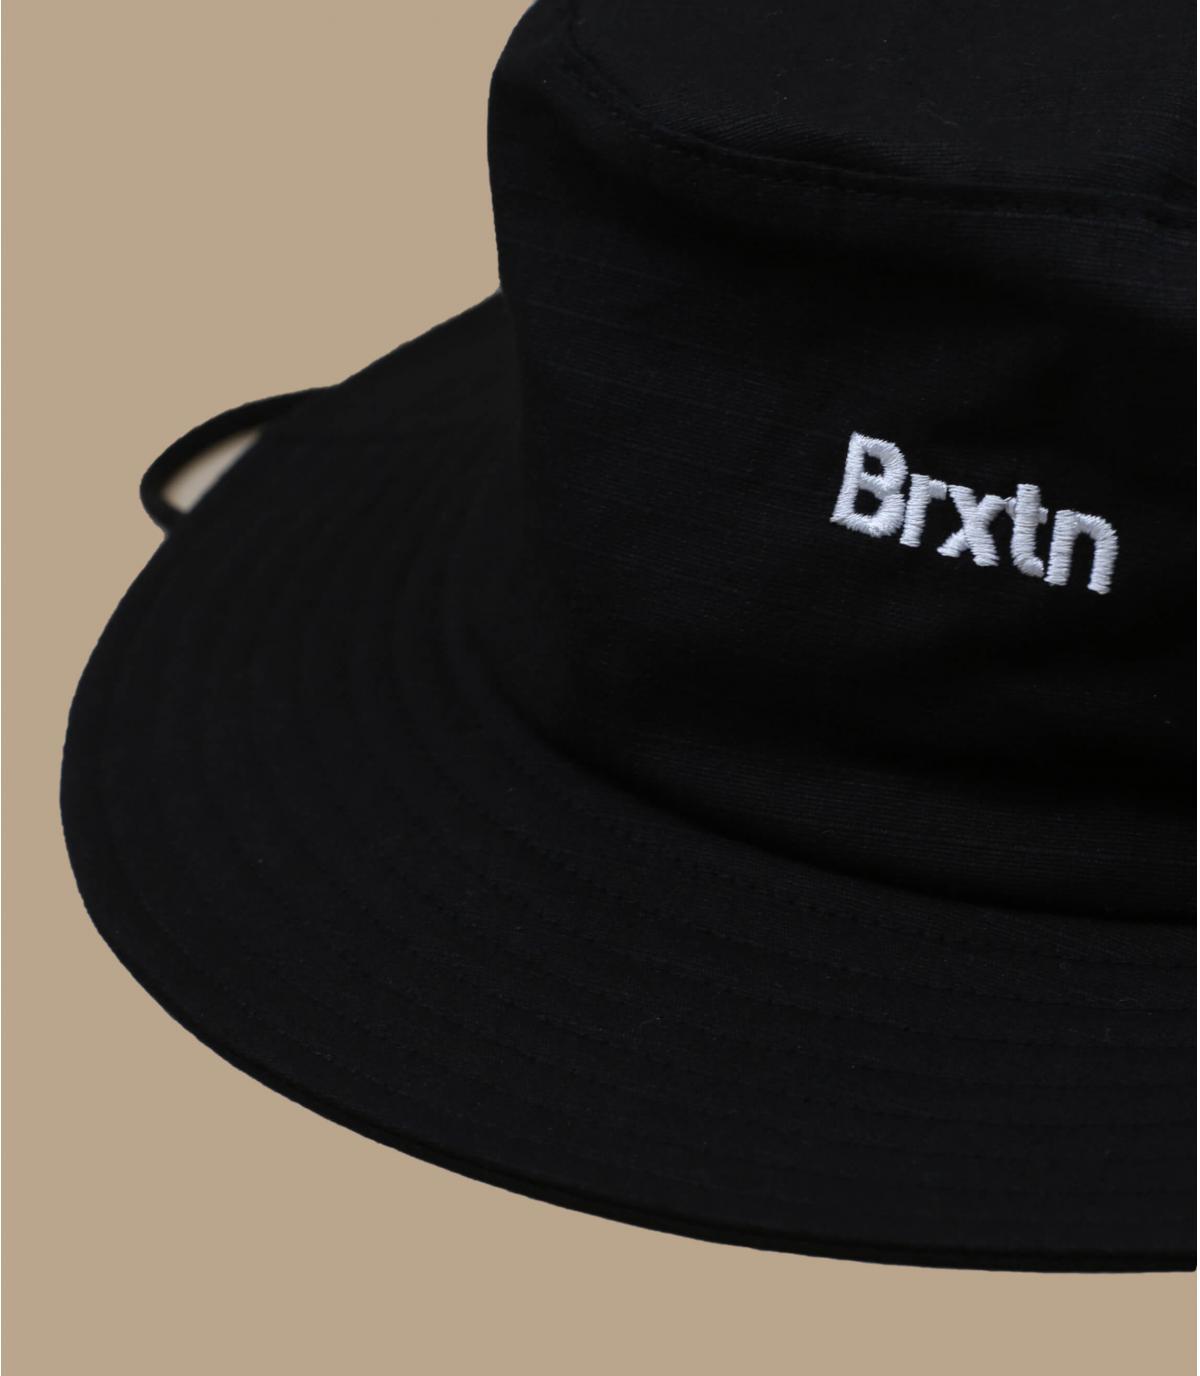 bob Brixton noir